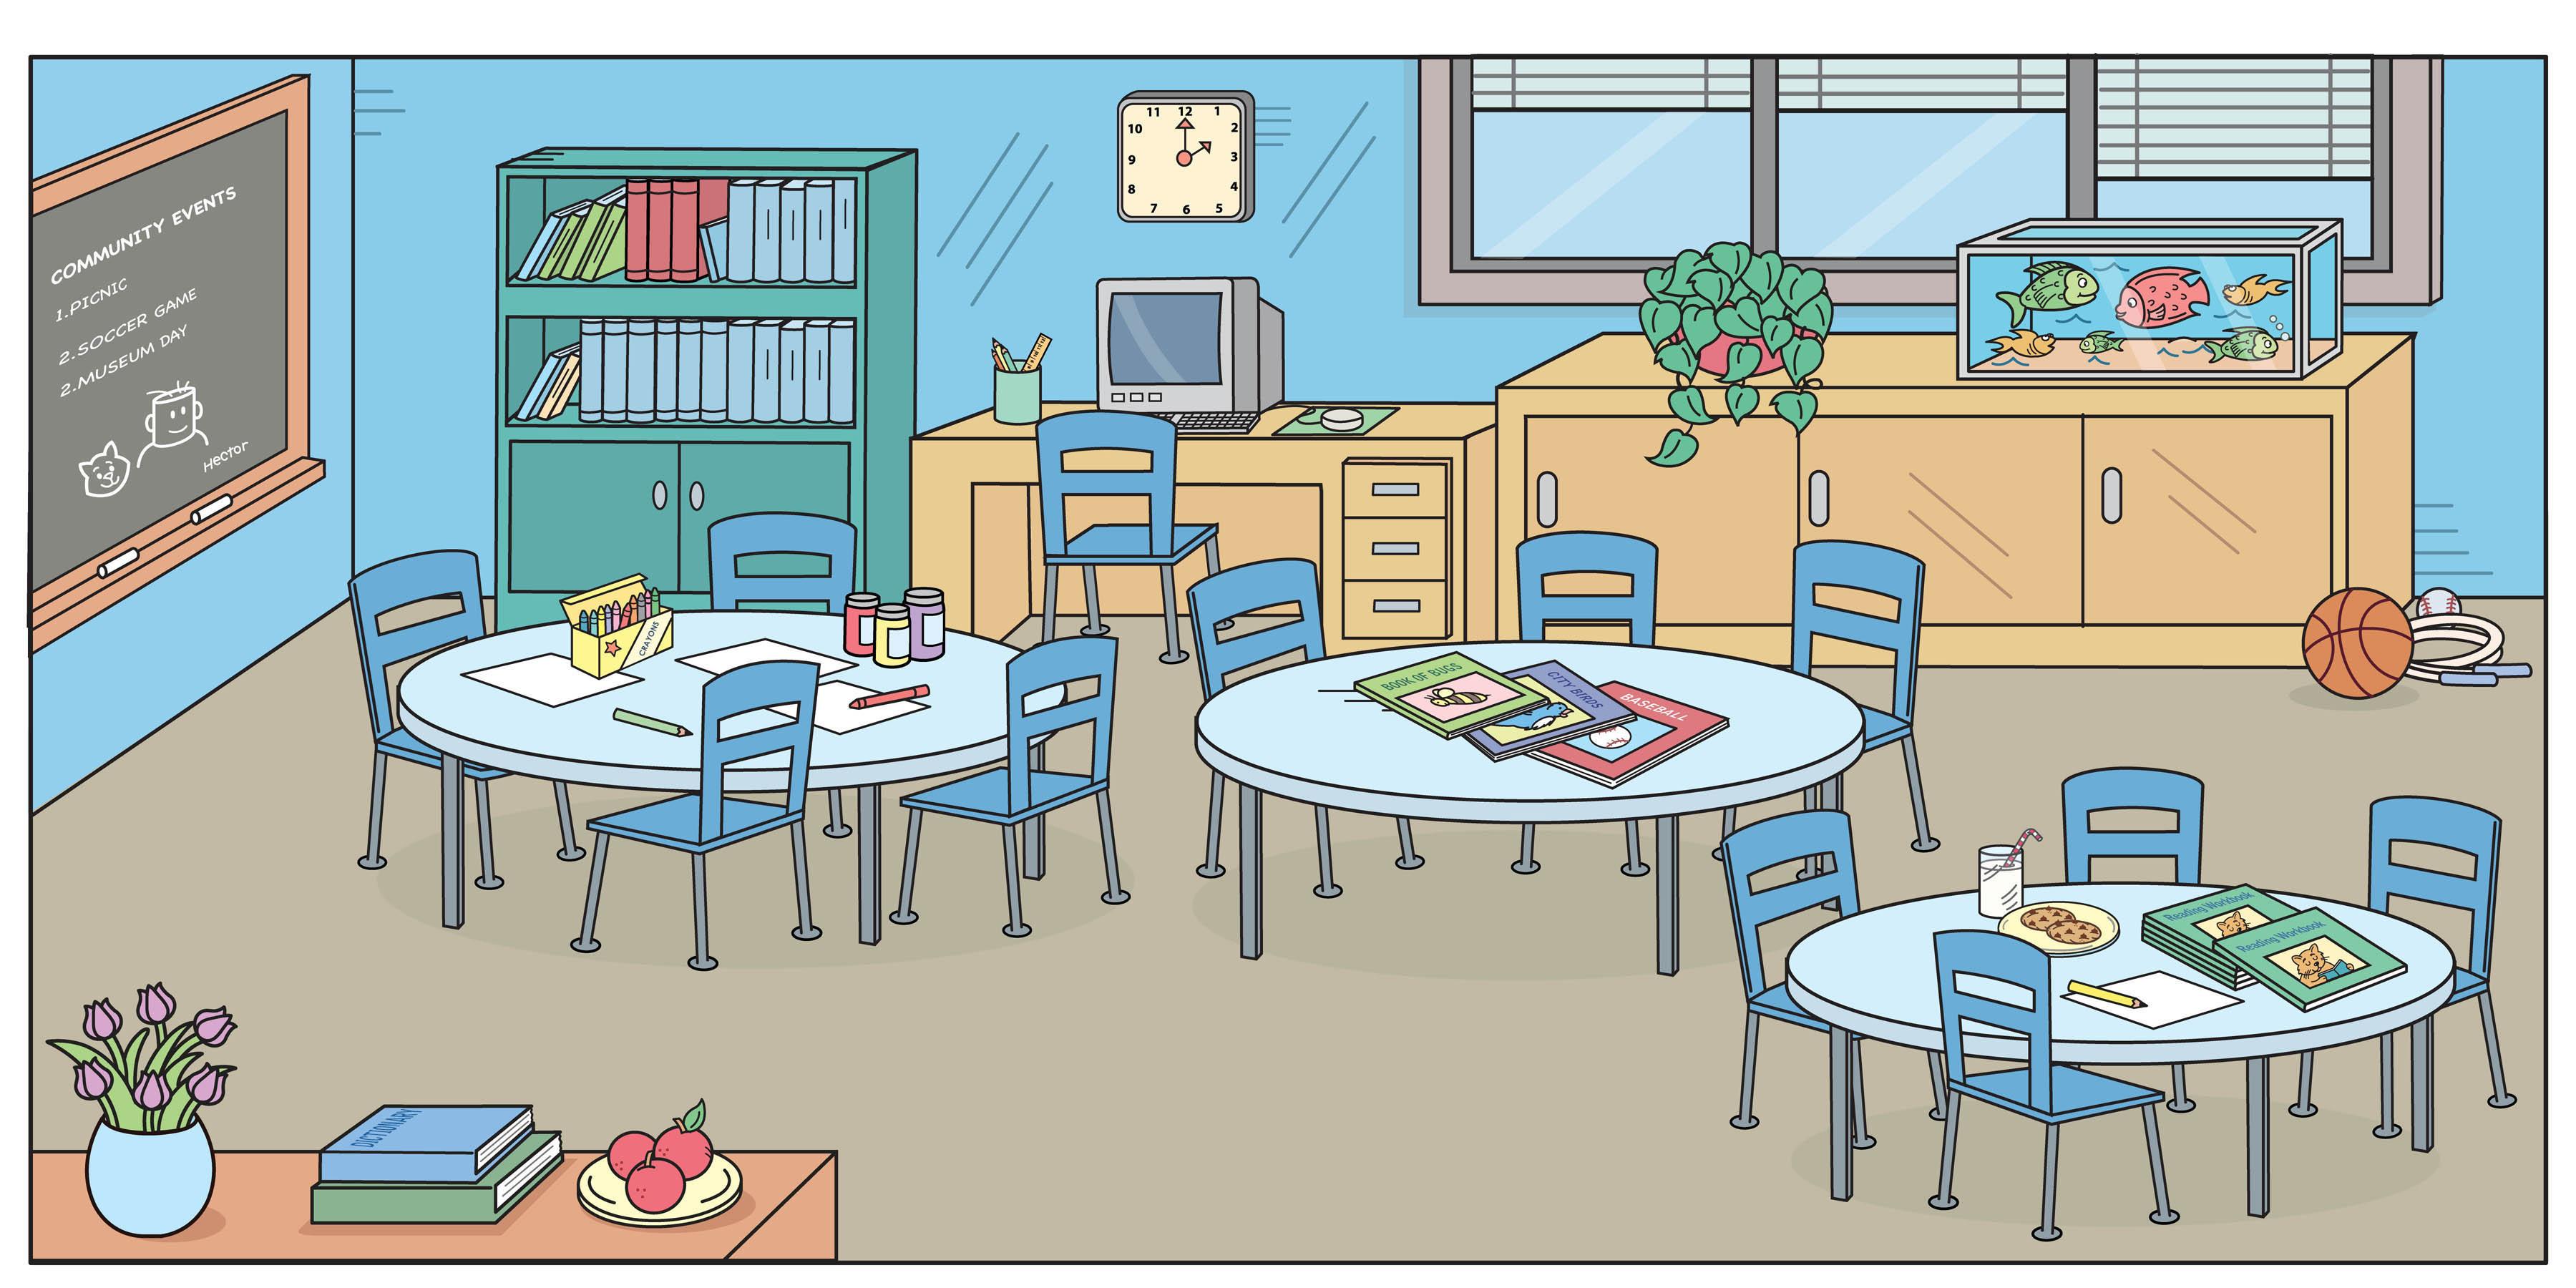 Classroom Clipart 2-Classroom clipart 2-1